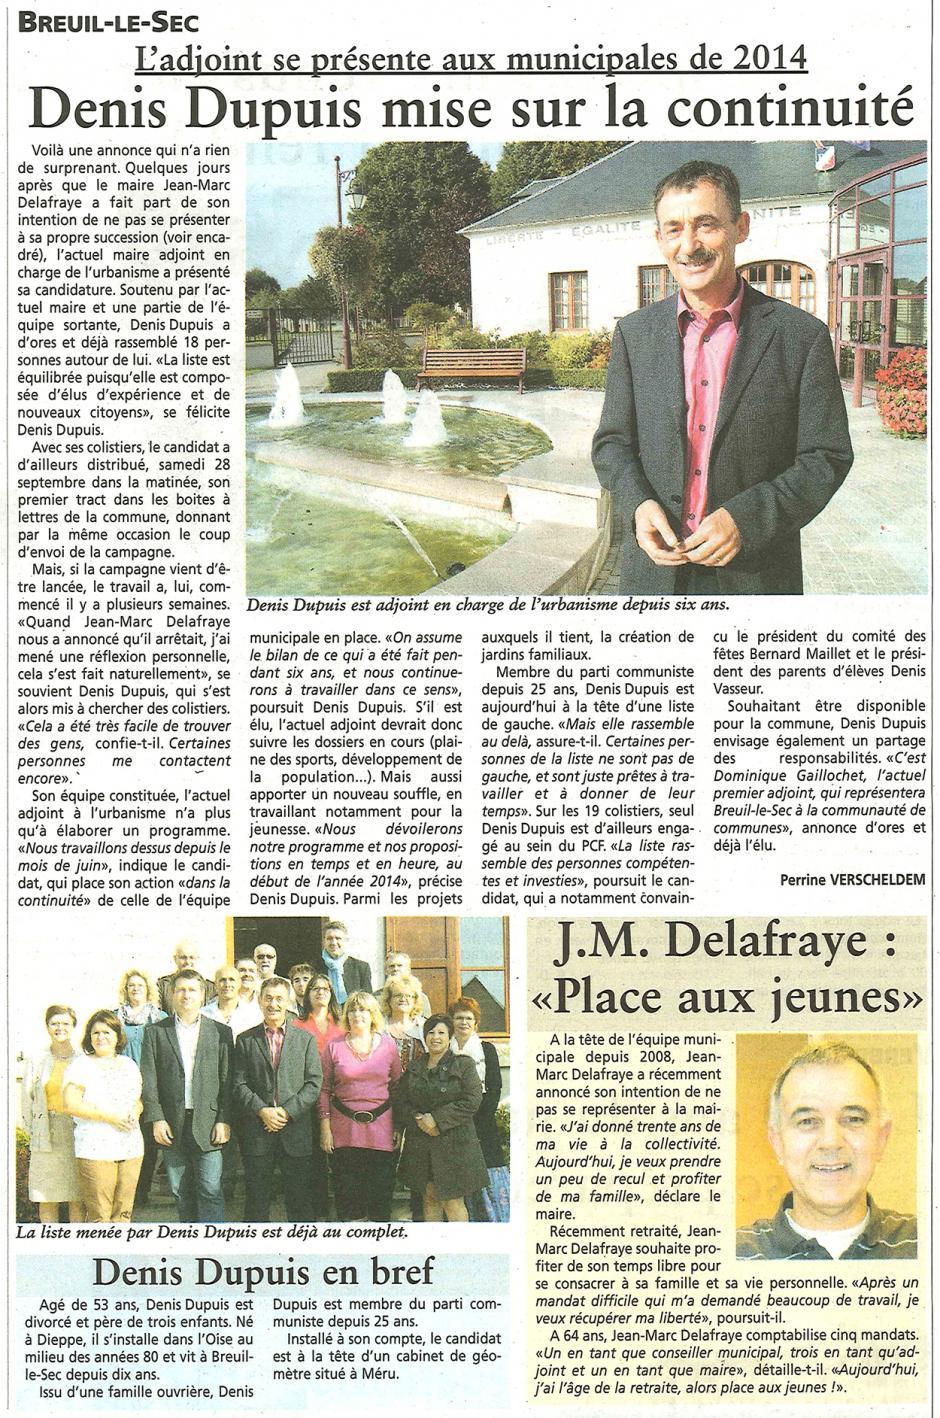 20131002-OH-Breuil-le-Sec-Denis Dupuis mise sur la continuité